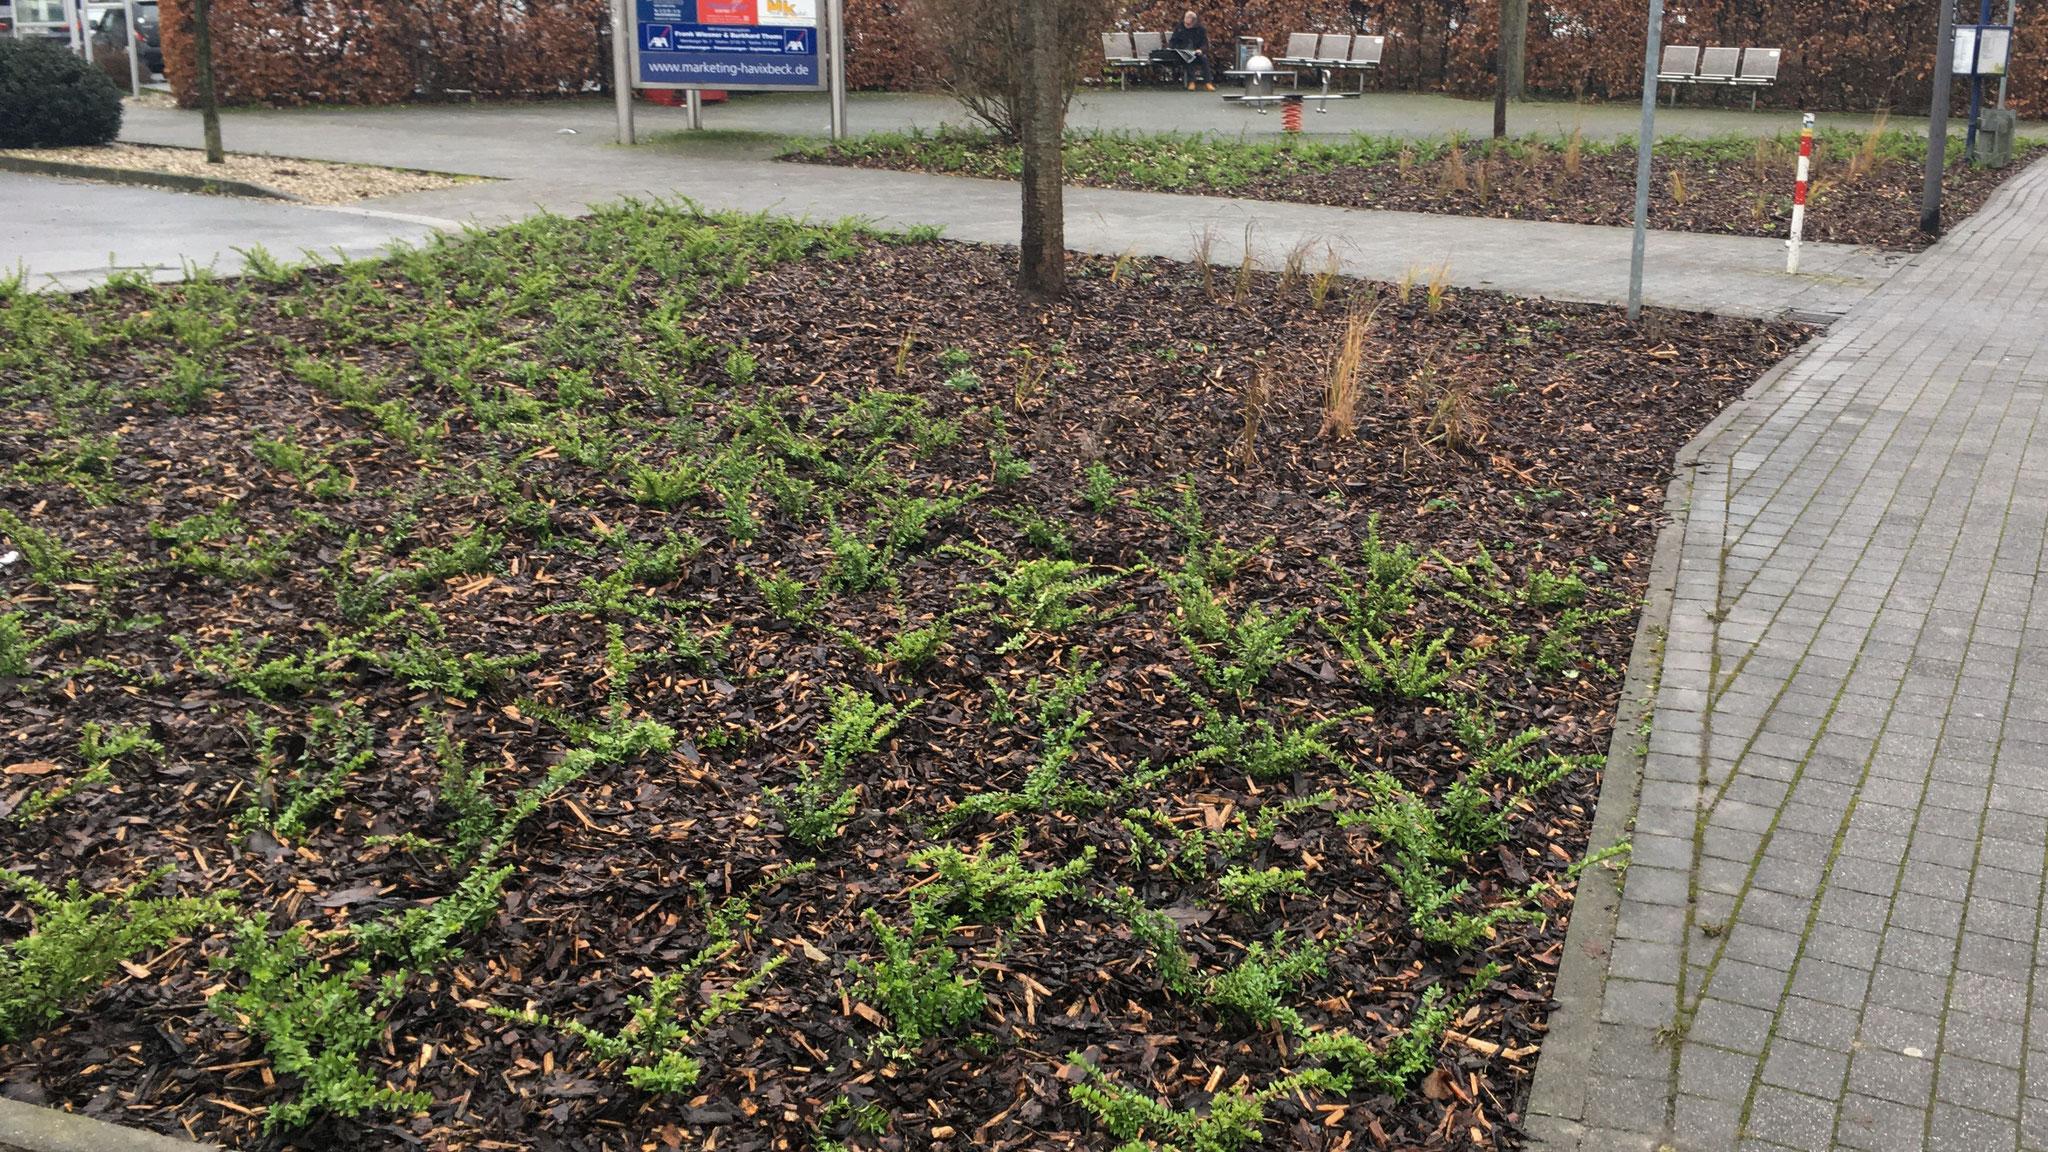 Gestaltung eines pflanzlichen Eintrittstors in Havixbeck | Foto Gemeinde Havixbeck